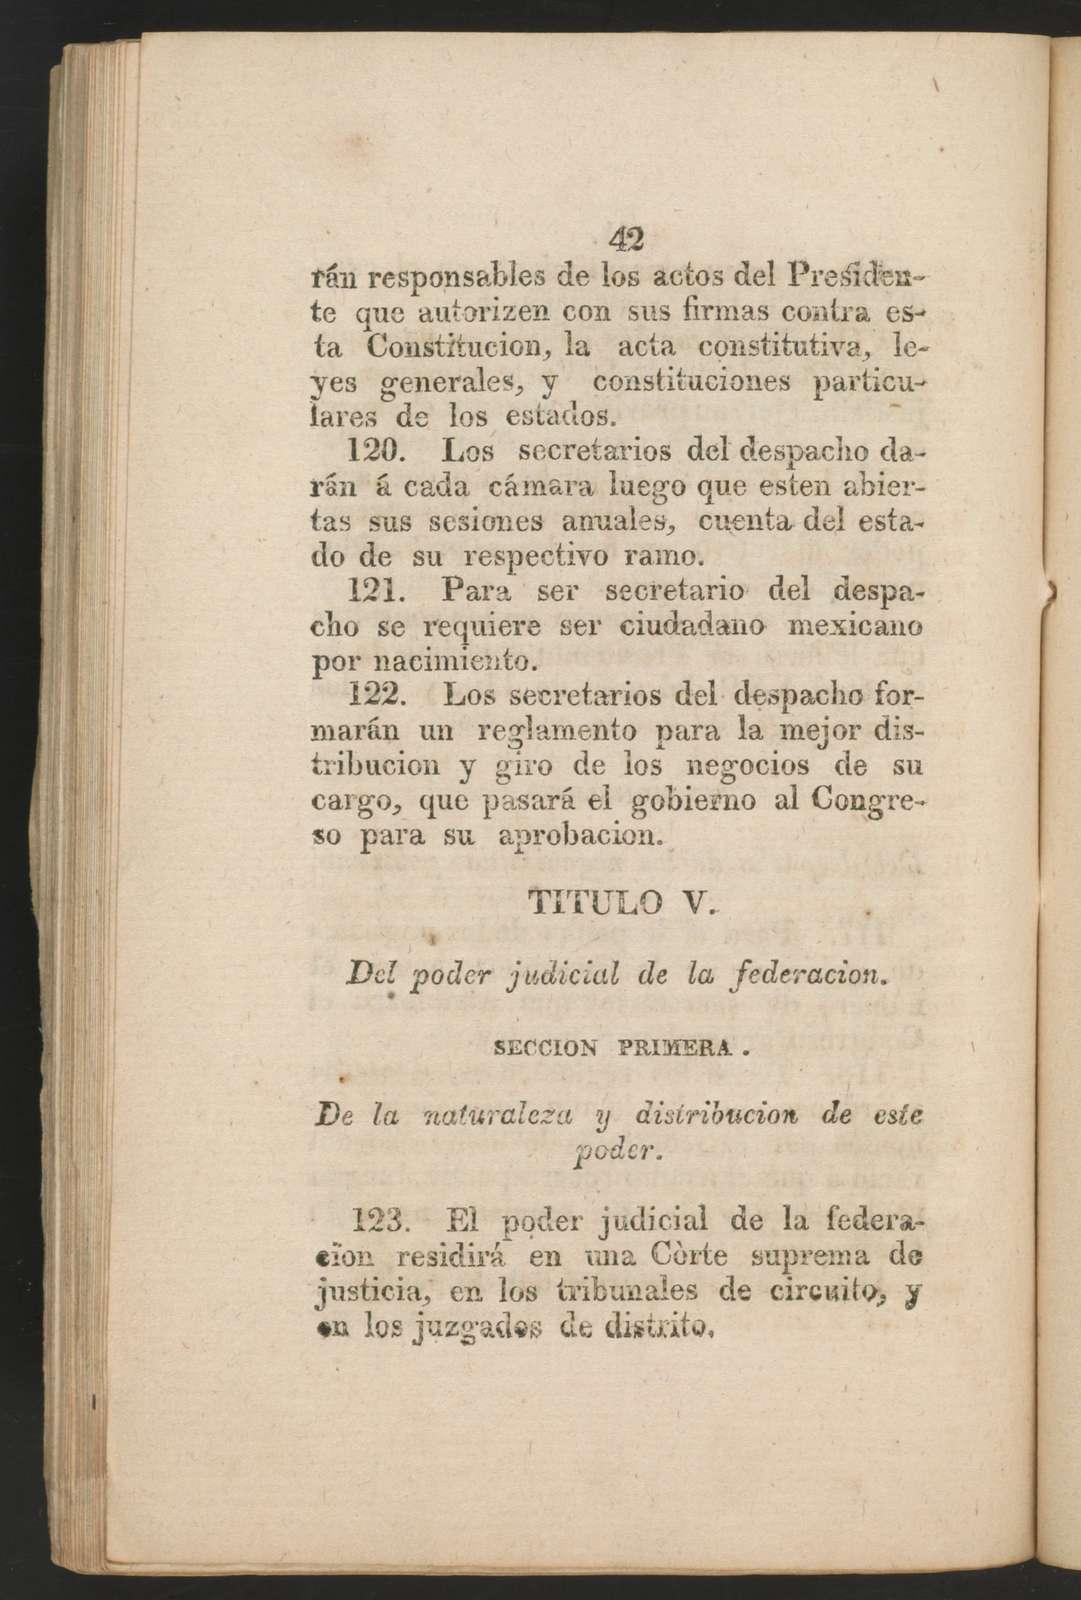 Constitucion federal de los Estados Unidos Mexicanos sancionada por el Congreso general constituyente el 4 de octubre de 1824